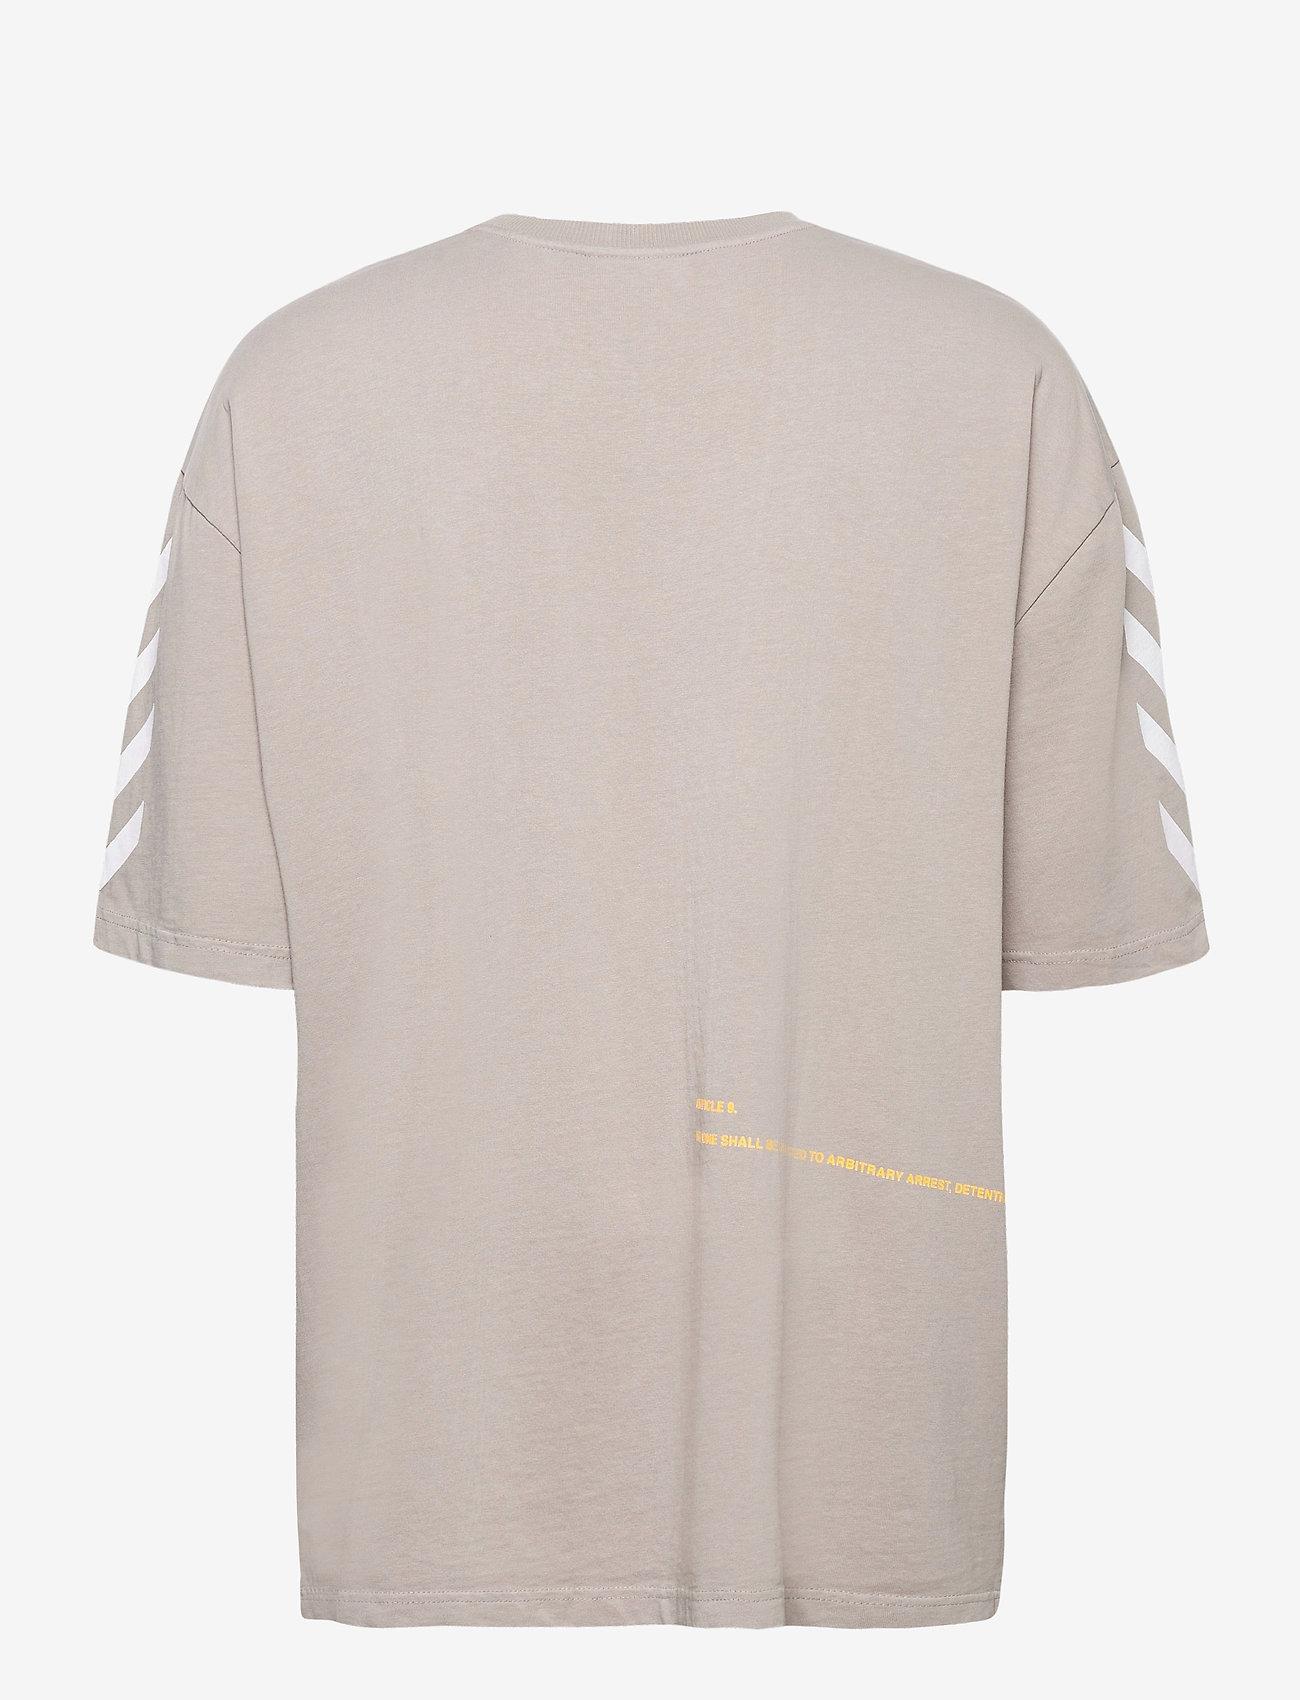 Hummel - hmlWILLY BUFFALO T-SHIRT S/S - t-shirts - paloma - 1